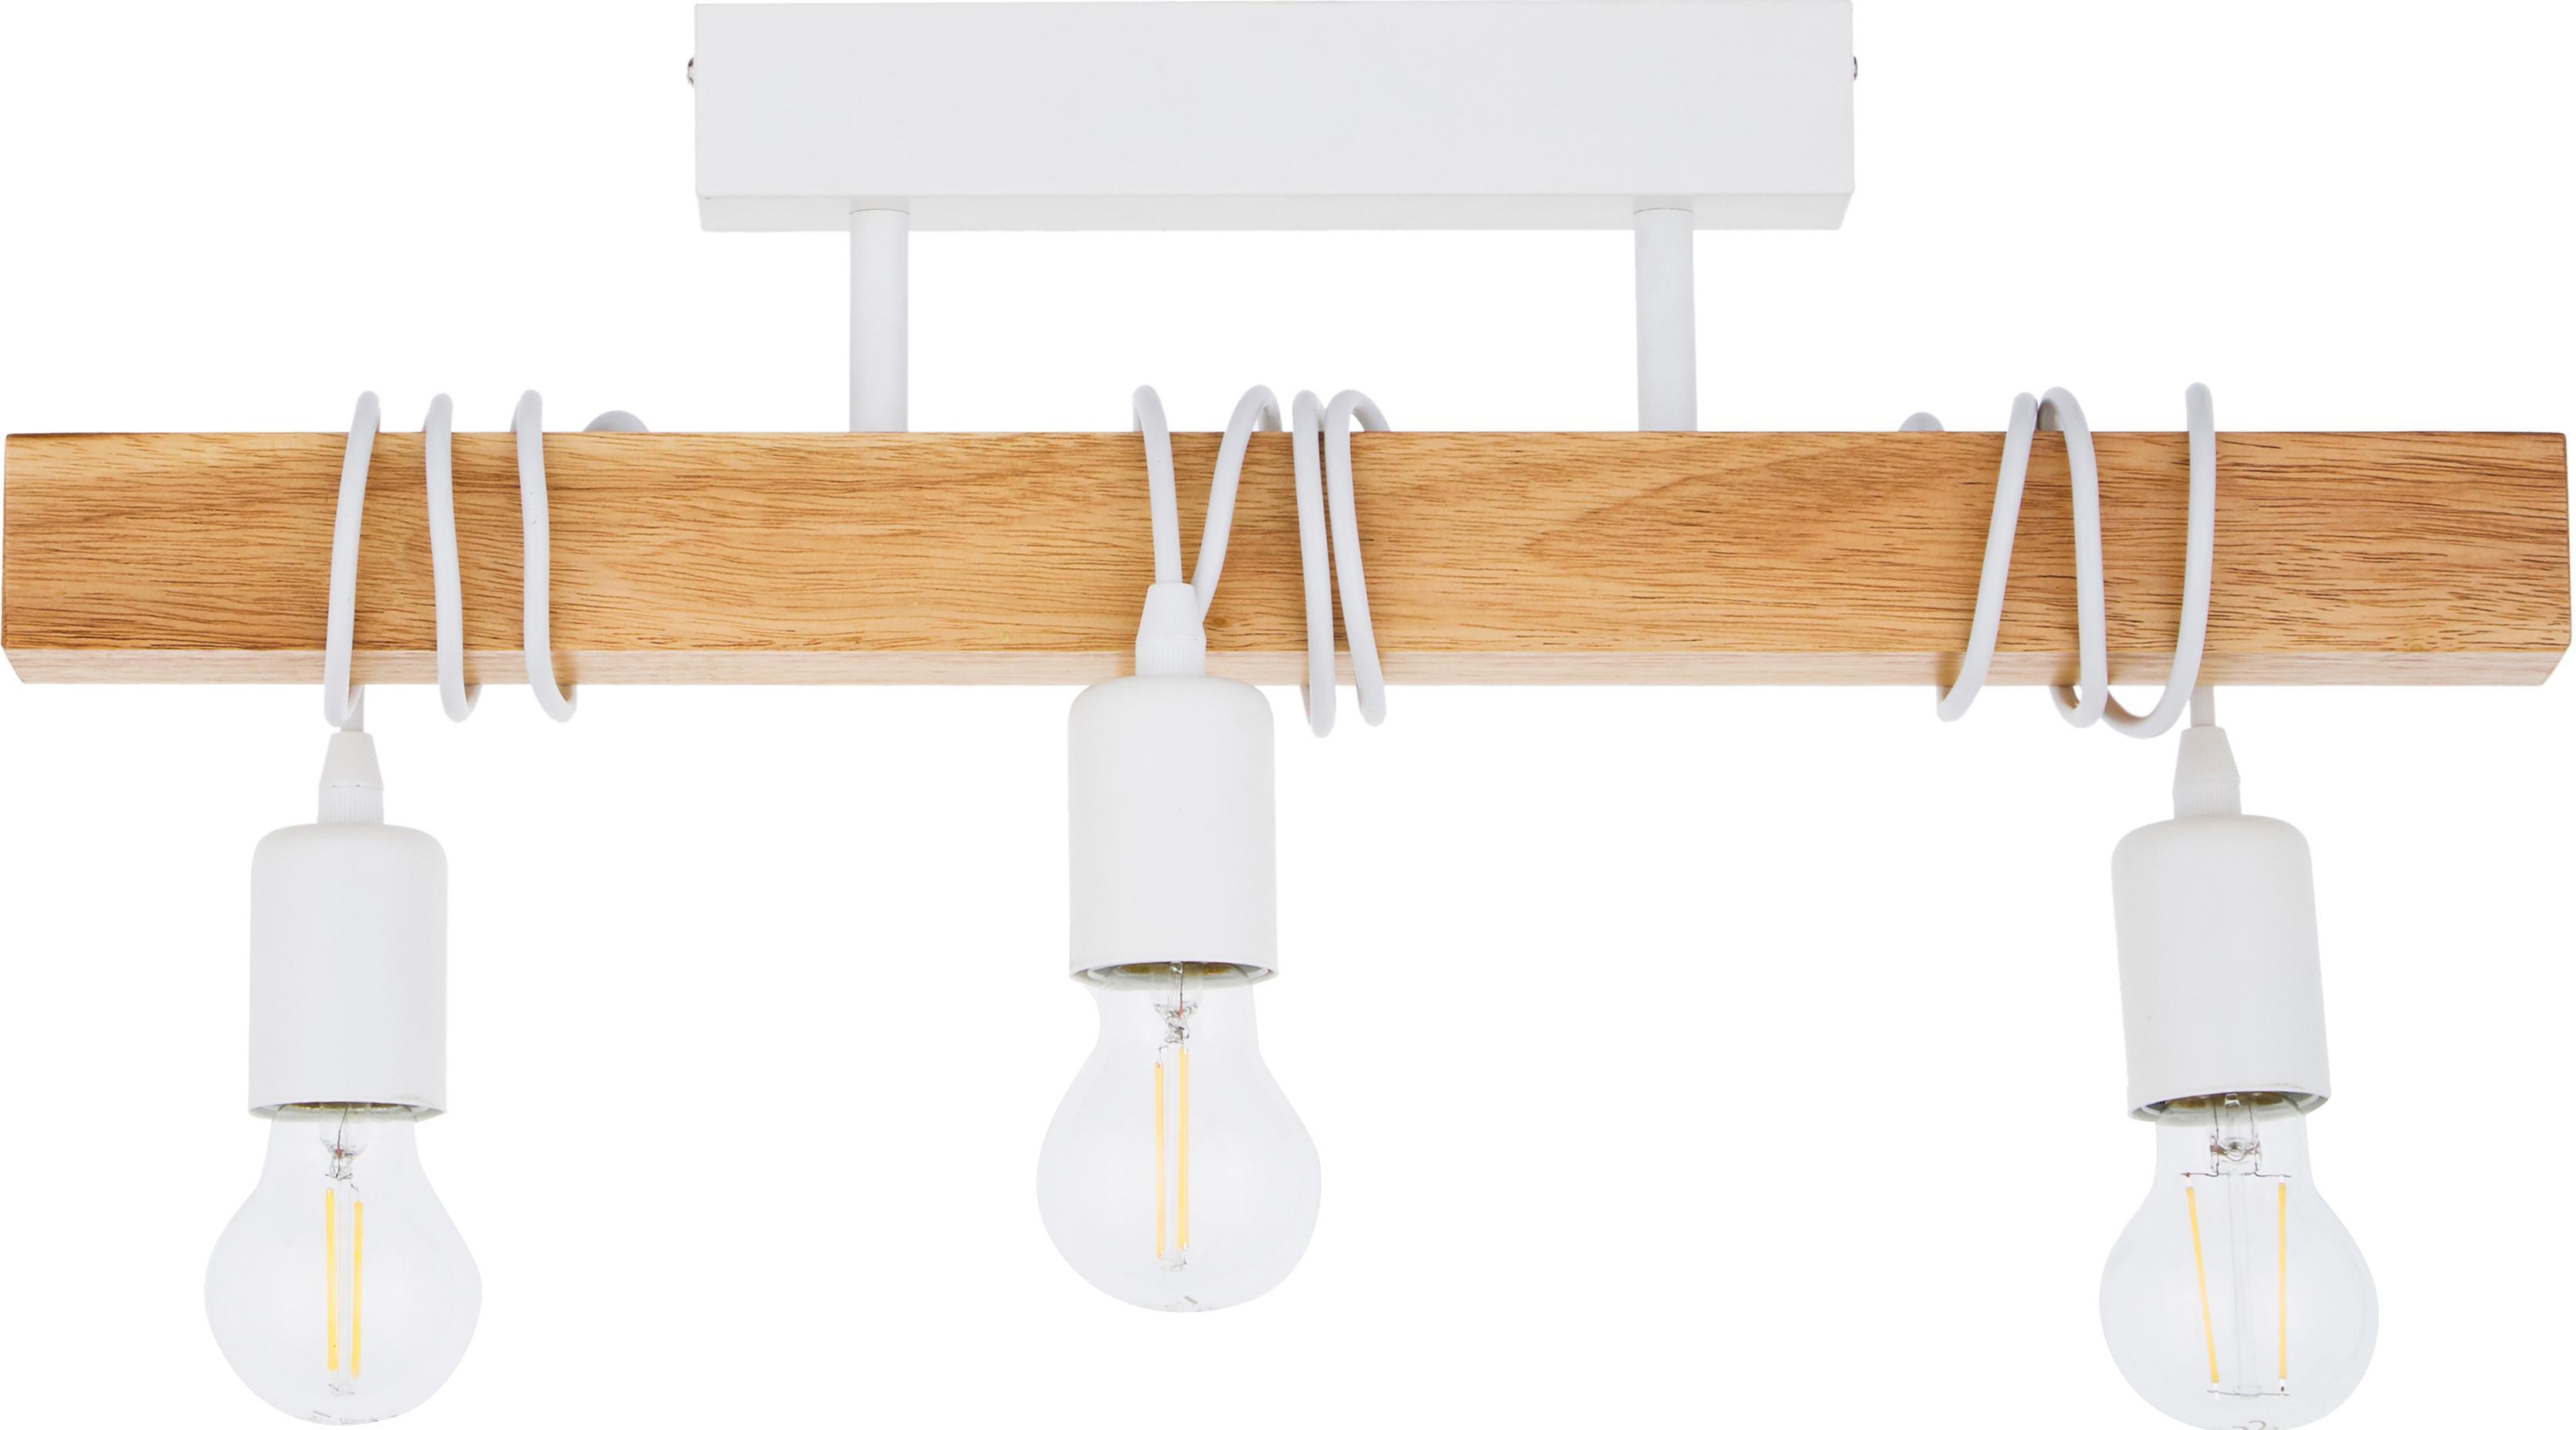 Plafondlamp Townshend, Wit, houtkleurig, 55 x 27 cm